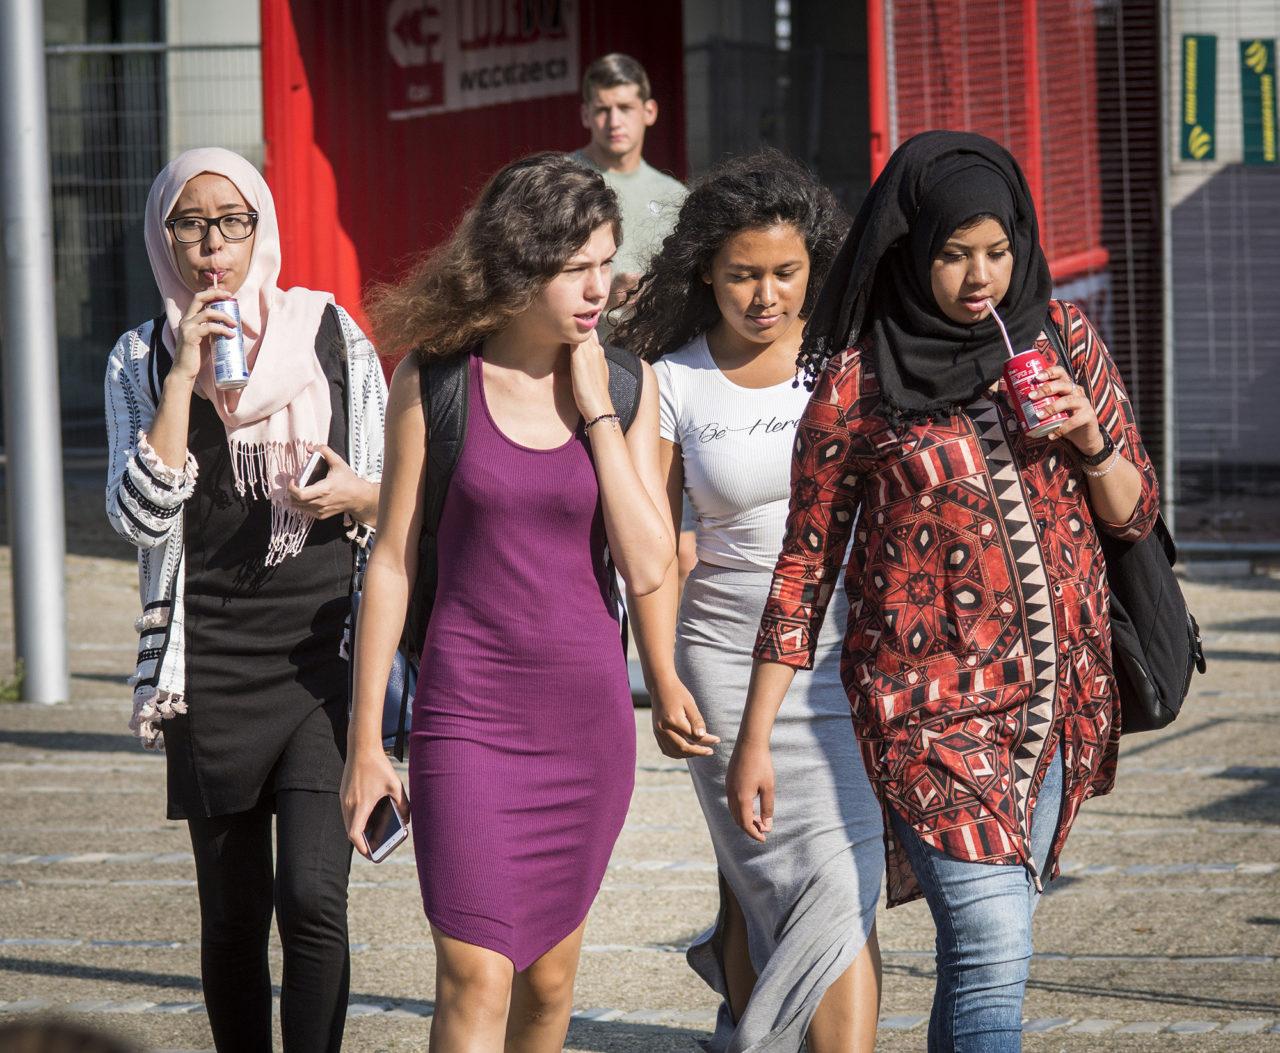 studenten-campus-doorgang-sandersgebouw-hoofddoek-meisjes-allochtoon